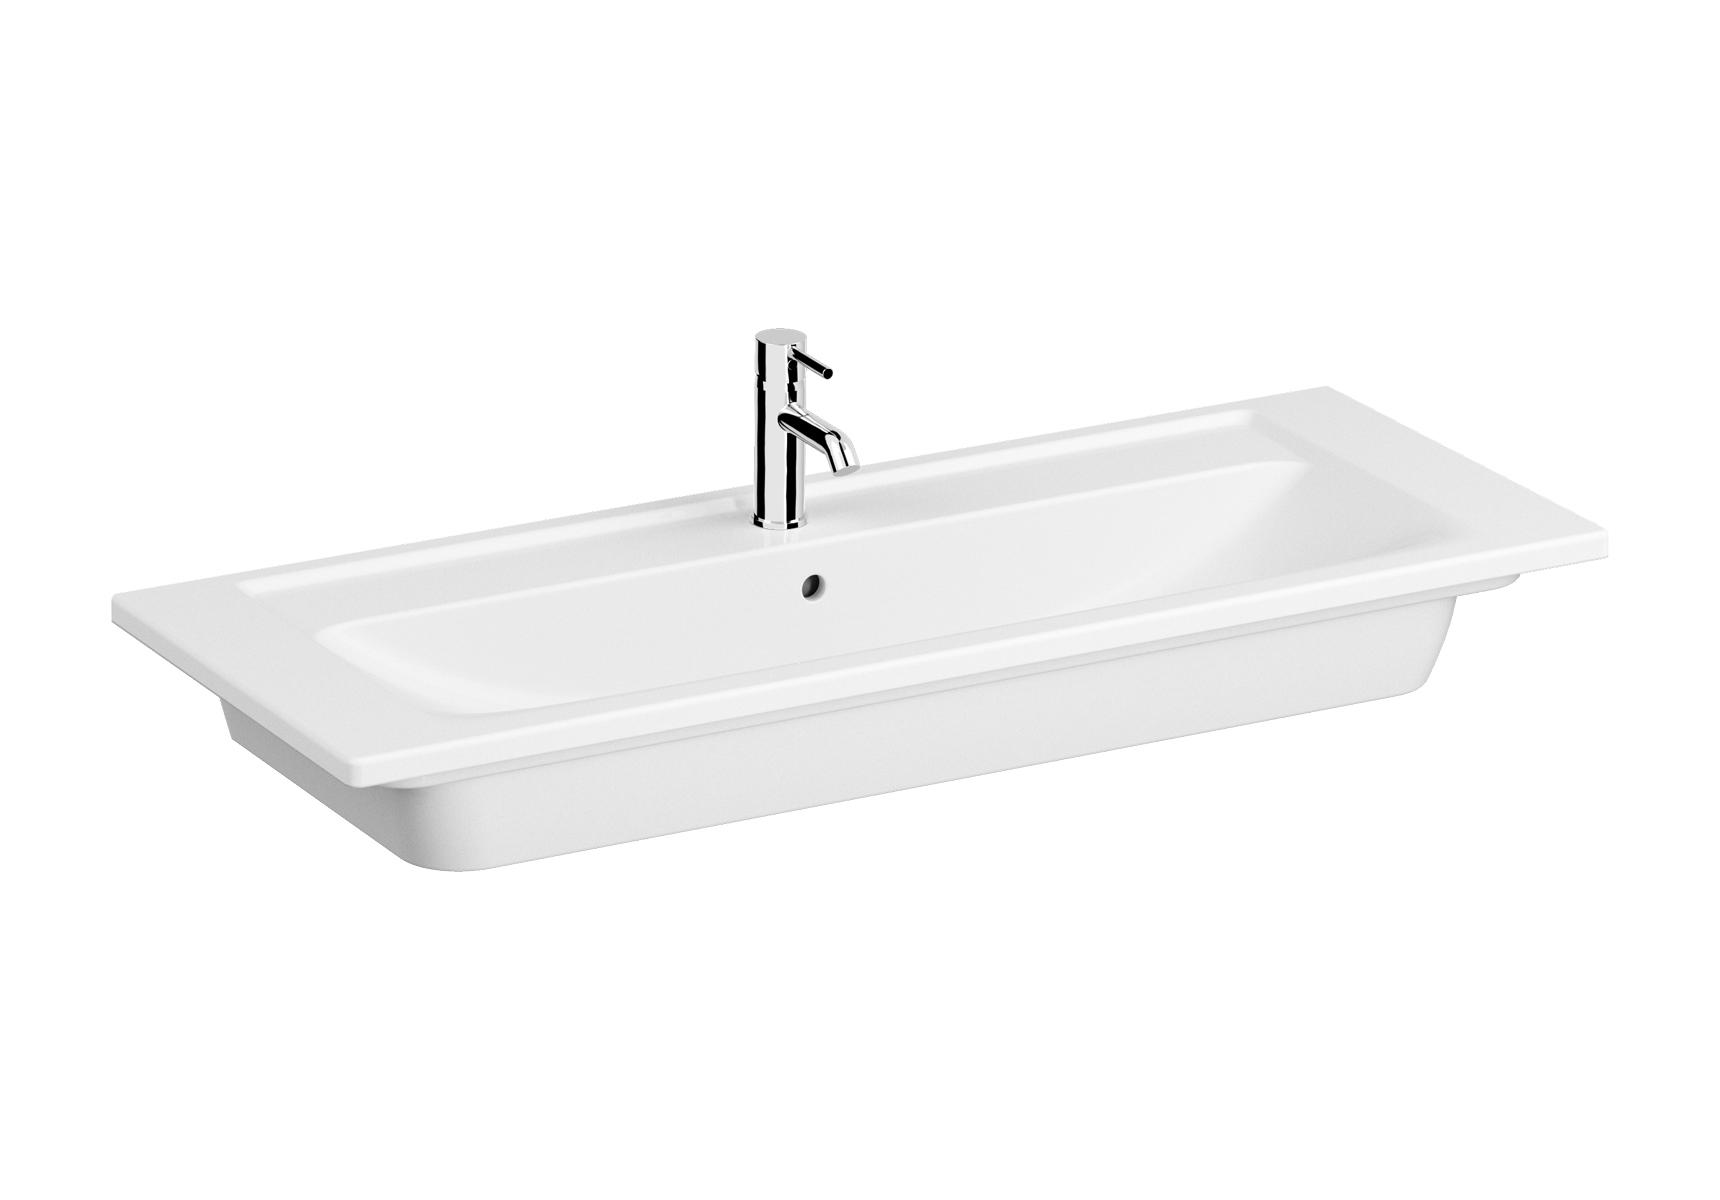 Integra plan céramique, 120 cm, avec 1 trou de robinet et 1 trop-plein